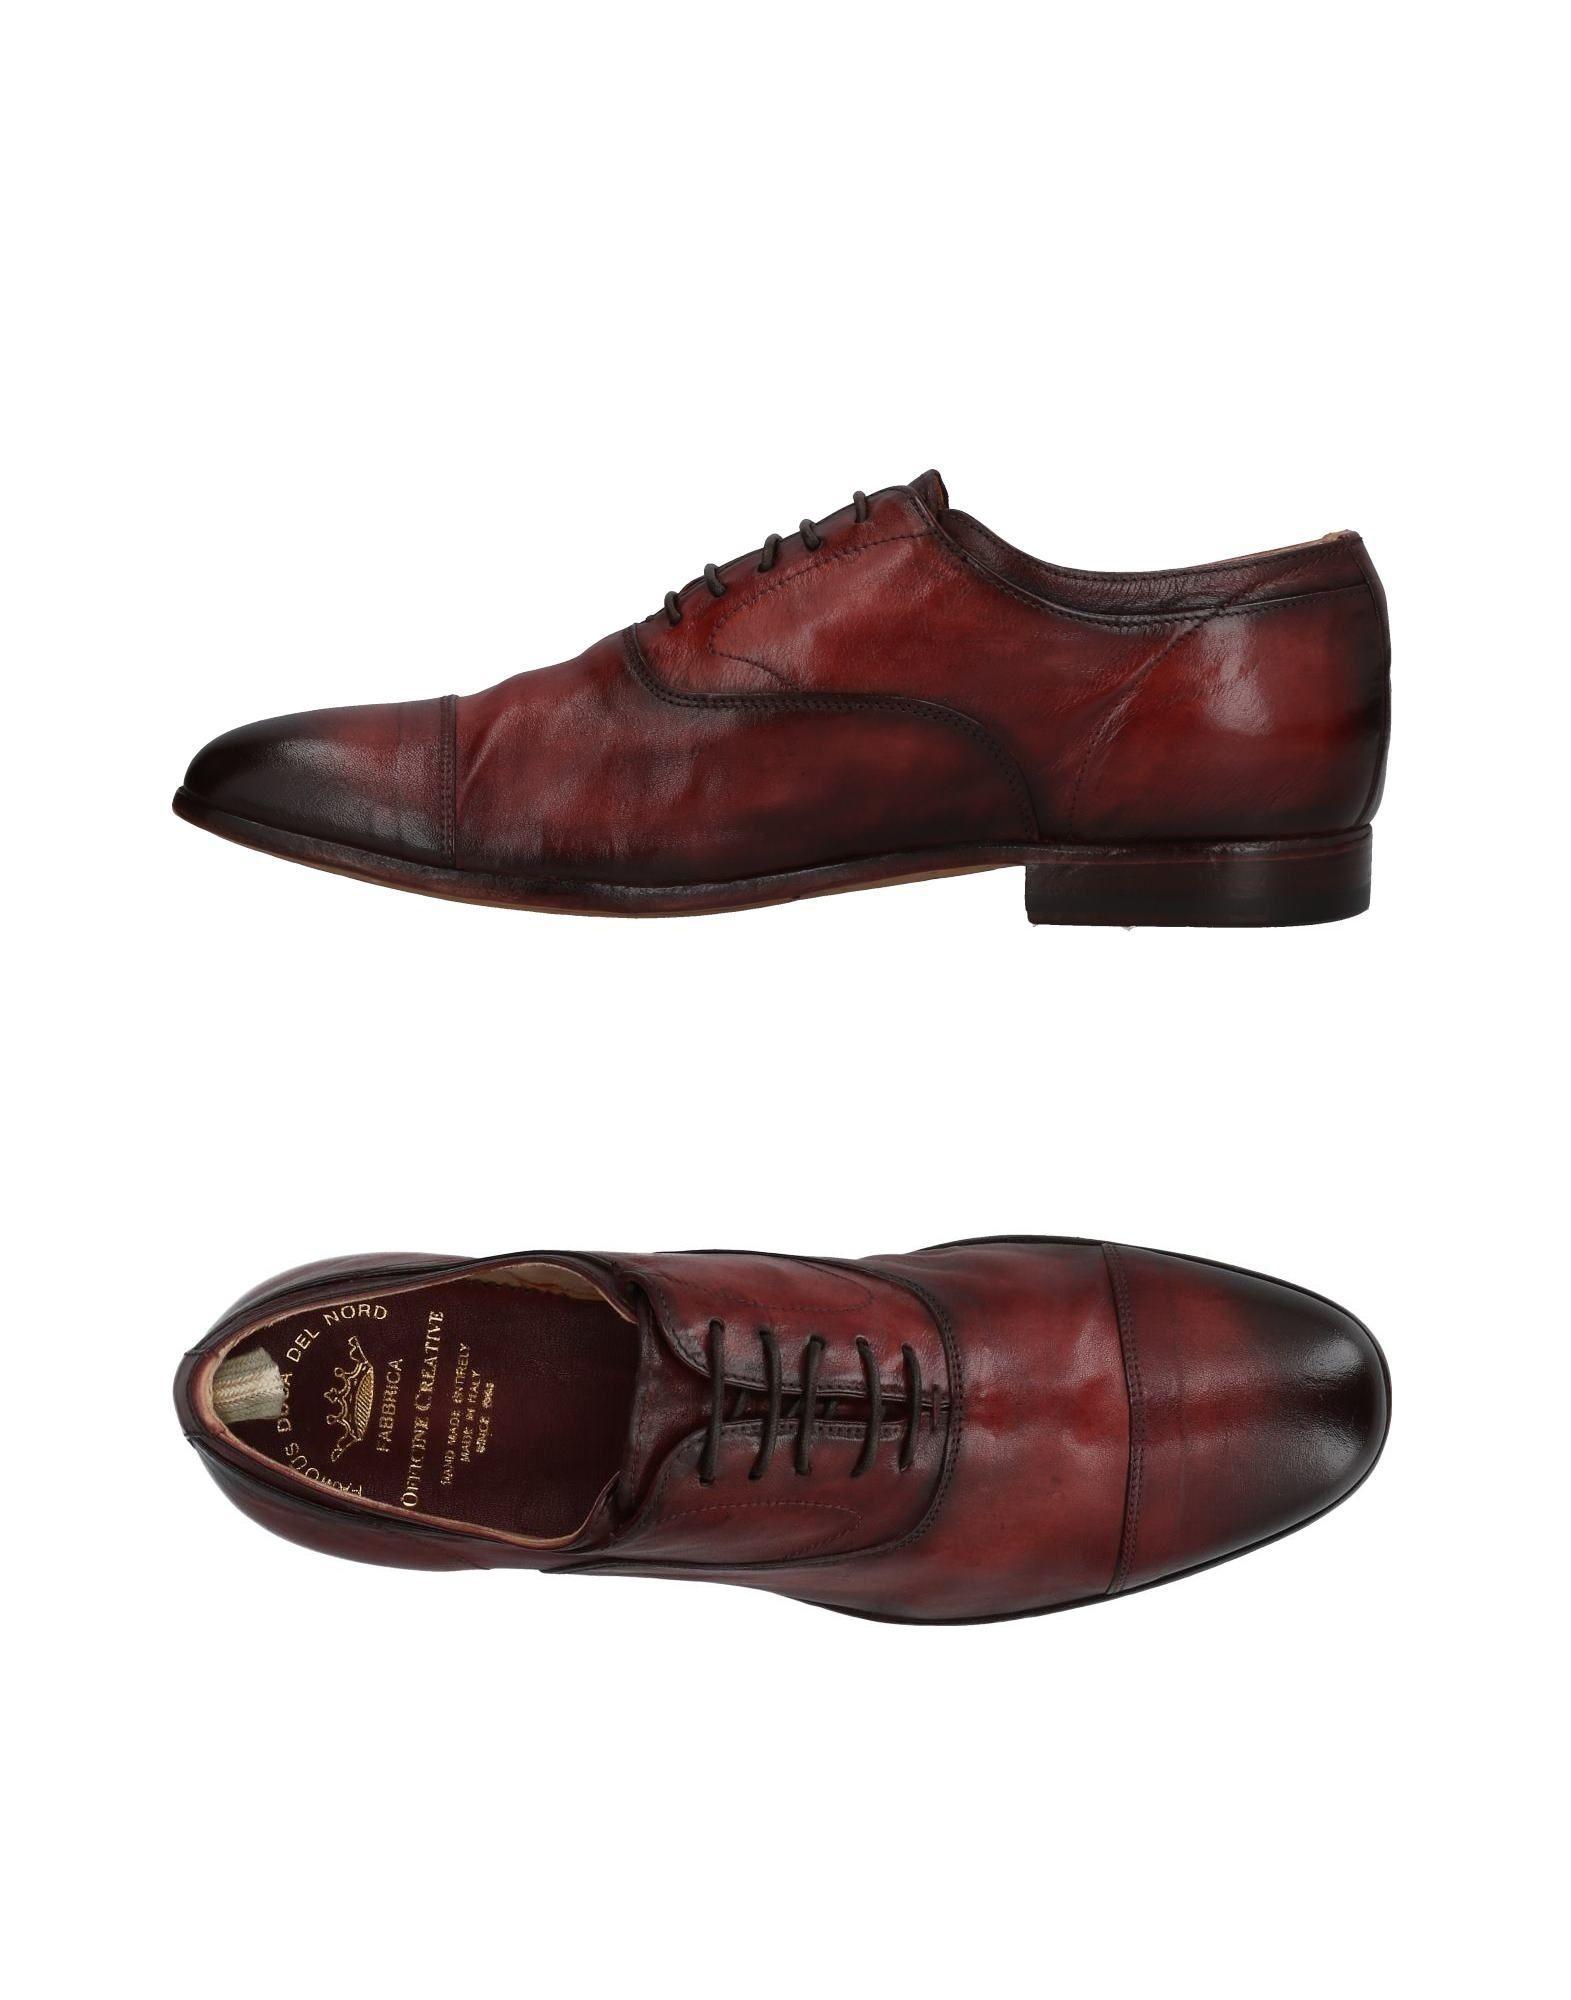 Officine Creative Italia Schnürschuhe Herren  11445481OB Gute Qualität beliebte Schuhe